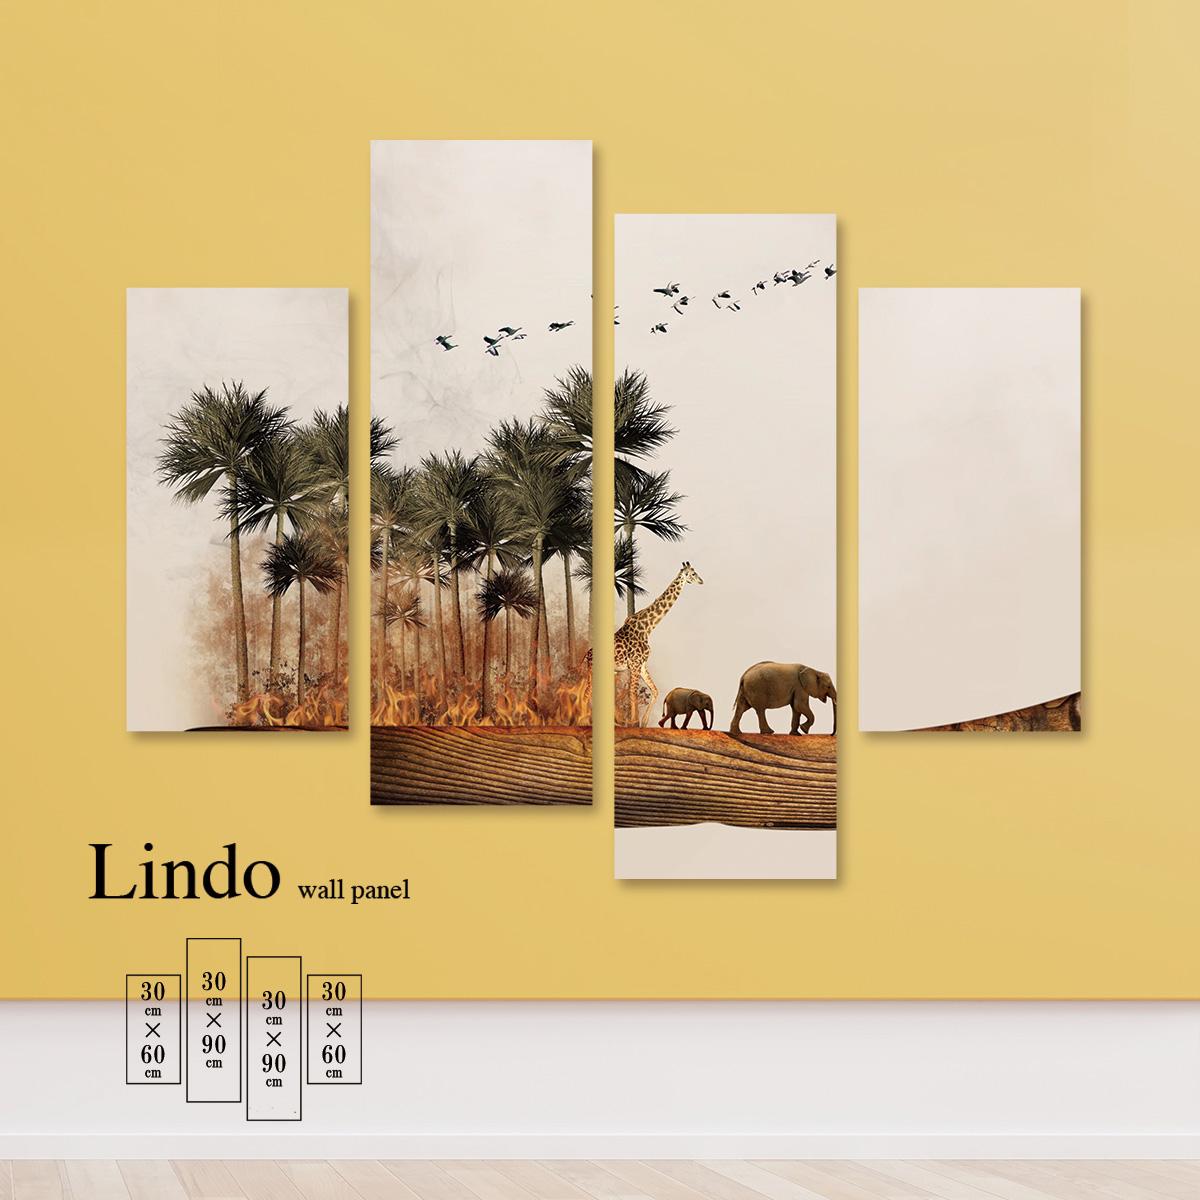 アートパネル 動物 アニマル サファリ アフリカ 森 キリン 象 壁掛け 北欧 お洒落 デザイン ファブリック 壁飾り アートボード 4枚パネル